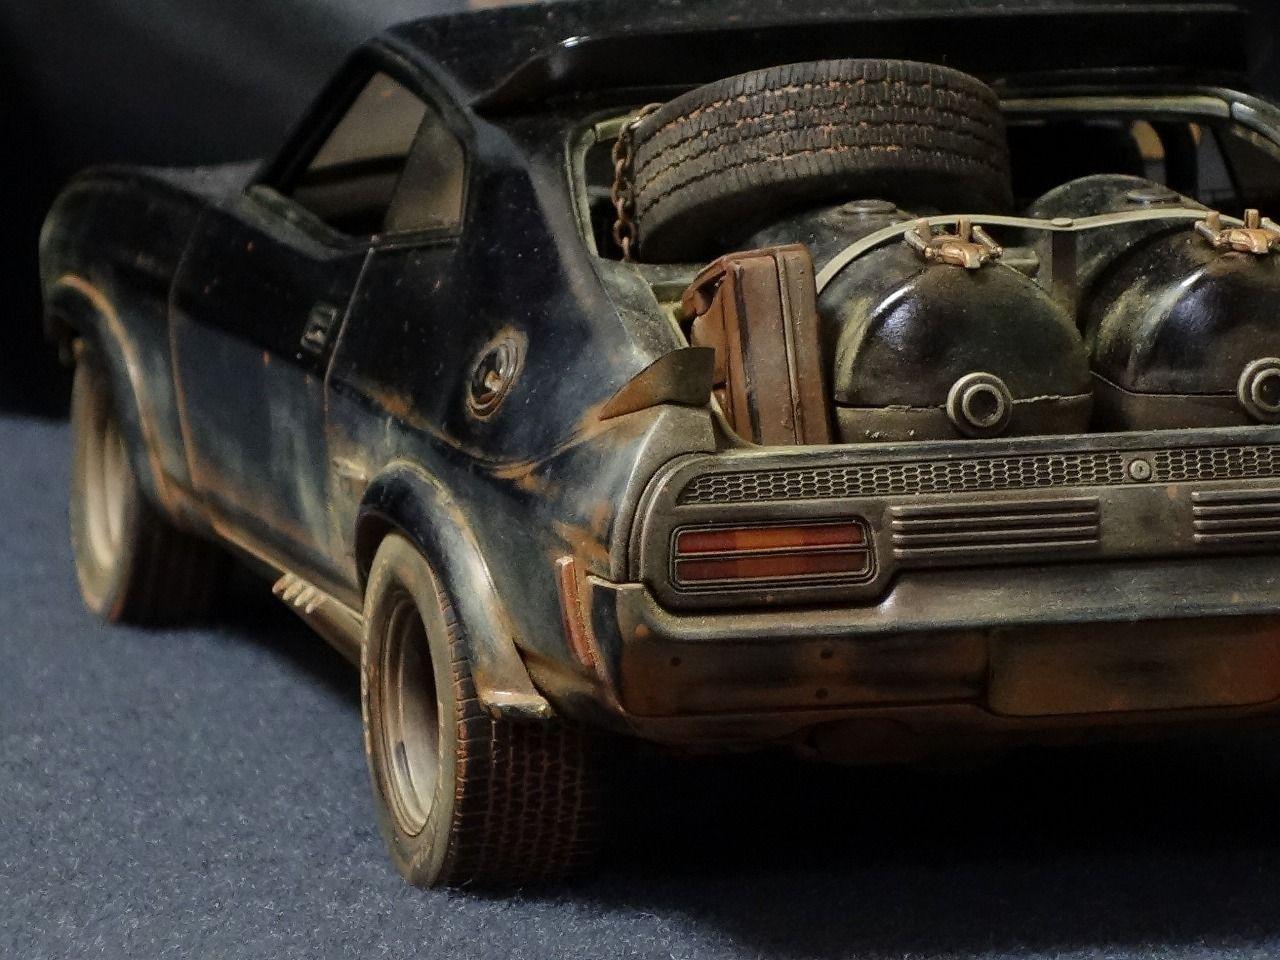 road warrior 1 18 scale model automotive classic pinterest maquette voiture et maquettes. Black Bedroom Furniture Sets. Home Design Ideas